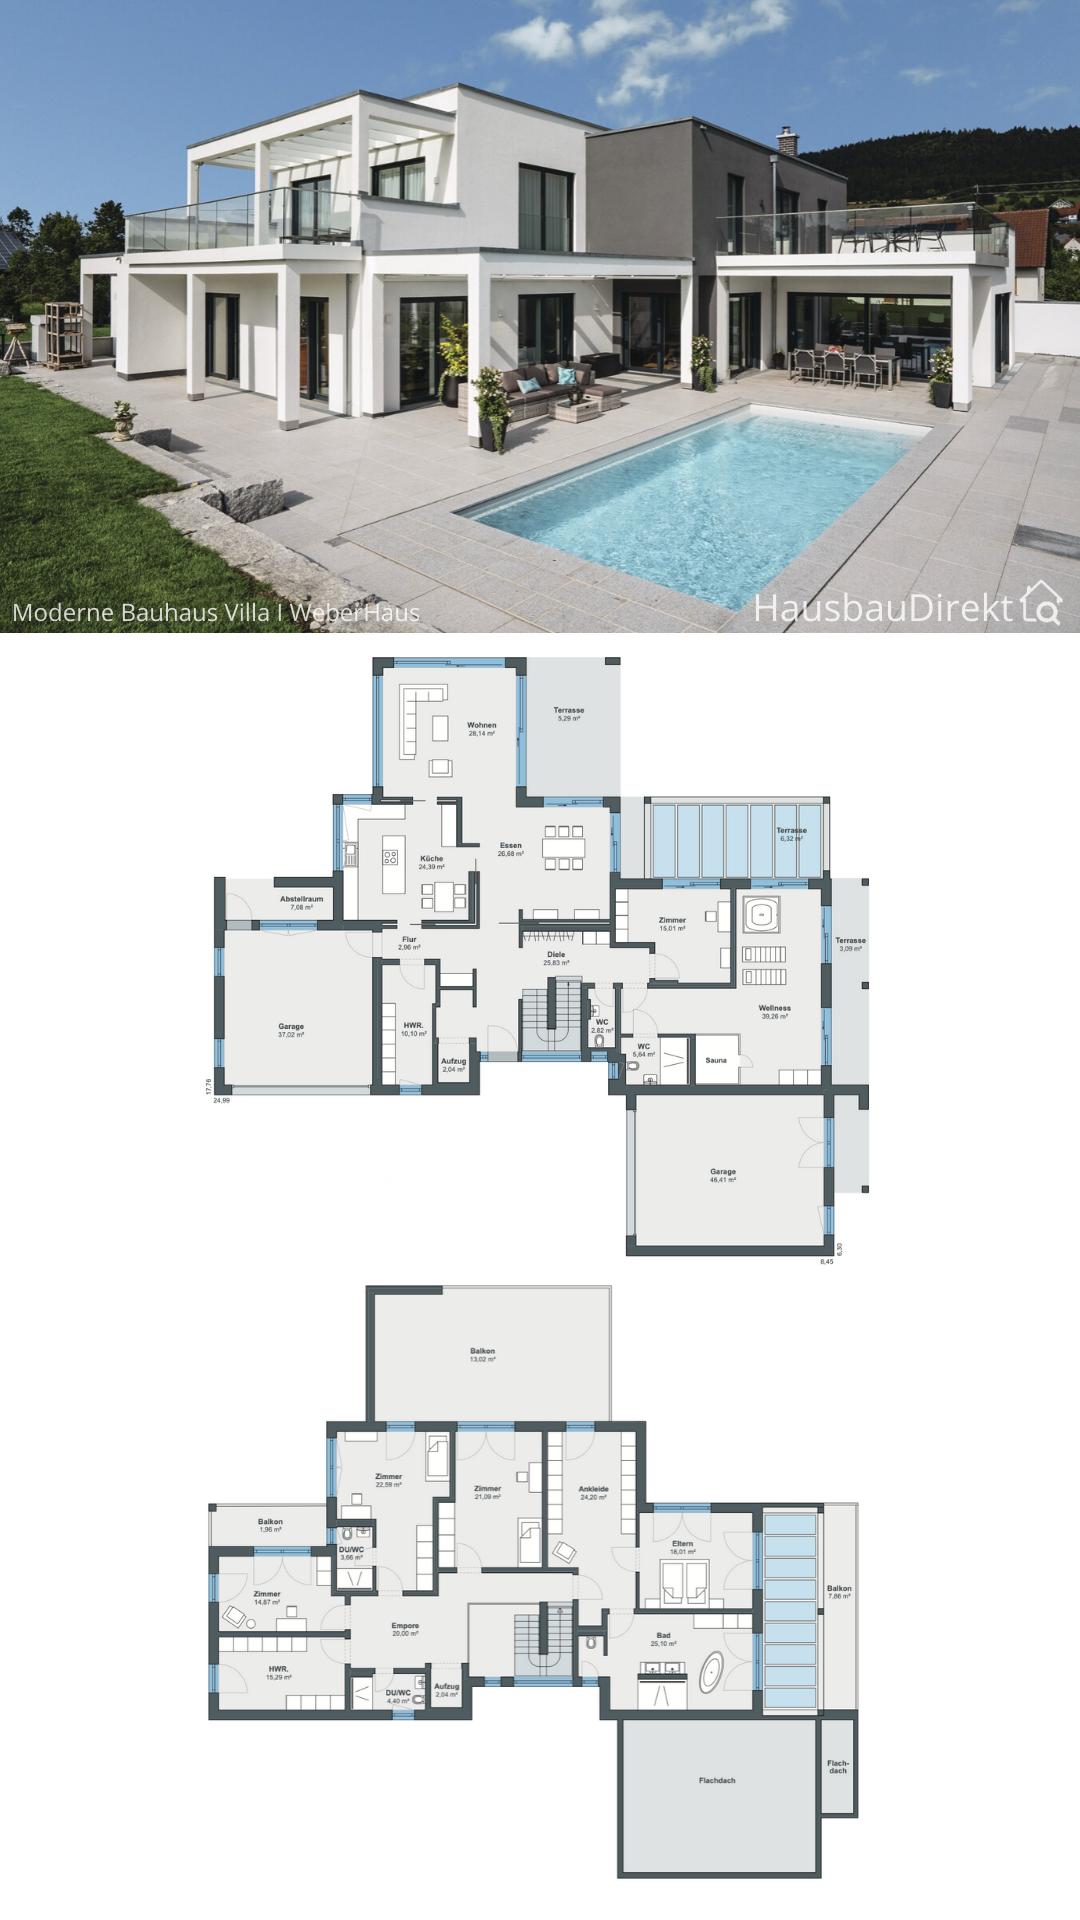 Luxus Einfamilienhaus mit Flachdach Garage & Pool Terrasse bauen Haus Grundriss Ideen 400 qm gross